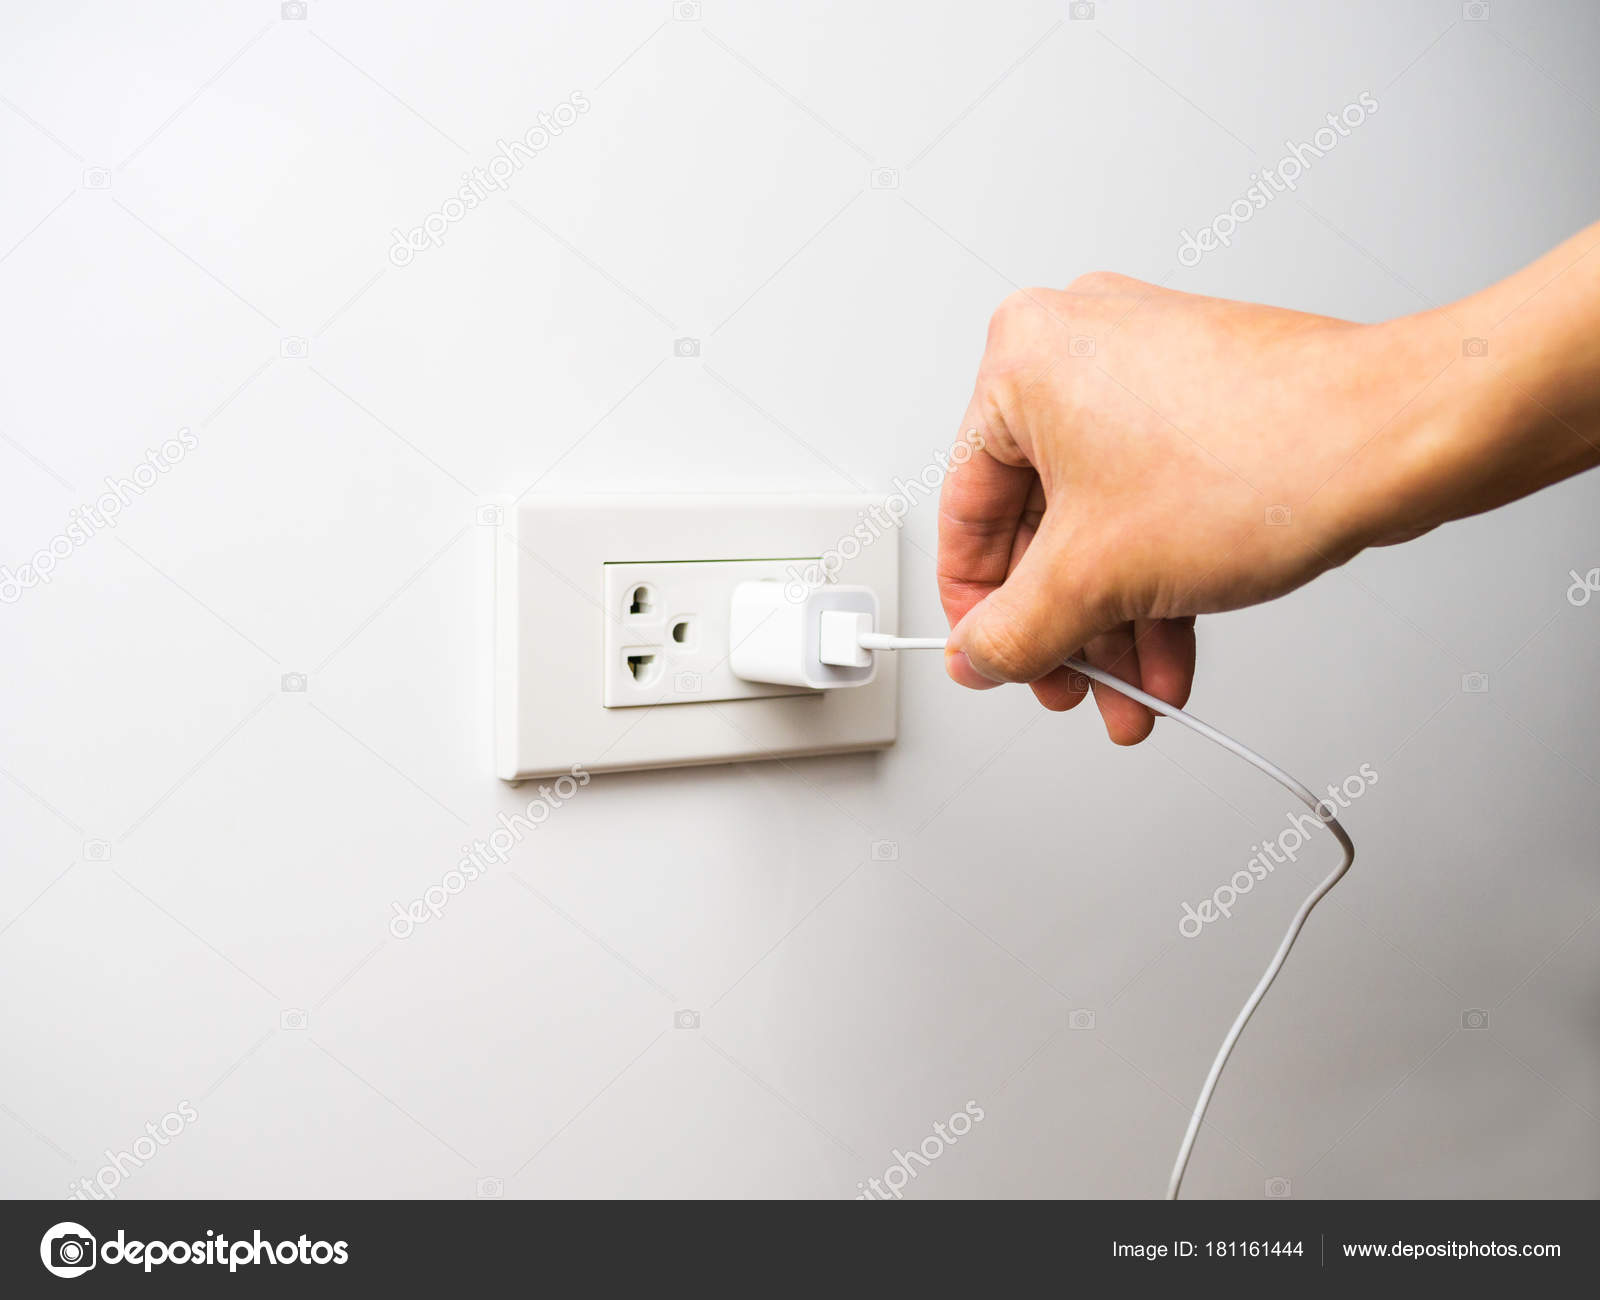 durch das ziehen von draht und kabel aus steckdose ziehen stockfoto paikong 181161444. Black Bedroom Furniture Sets. Home Design Ideas